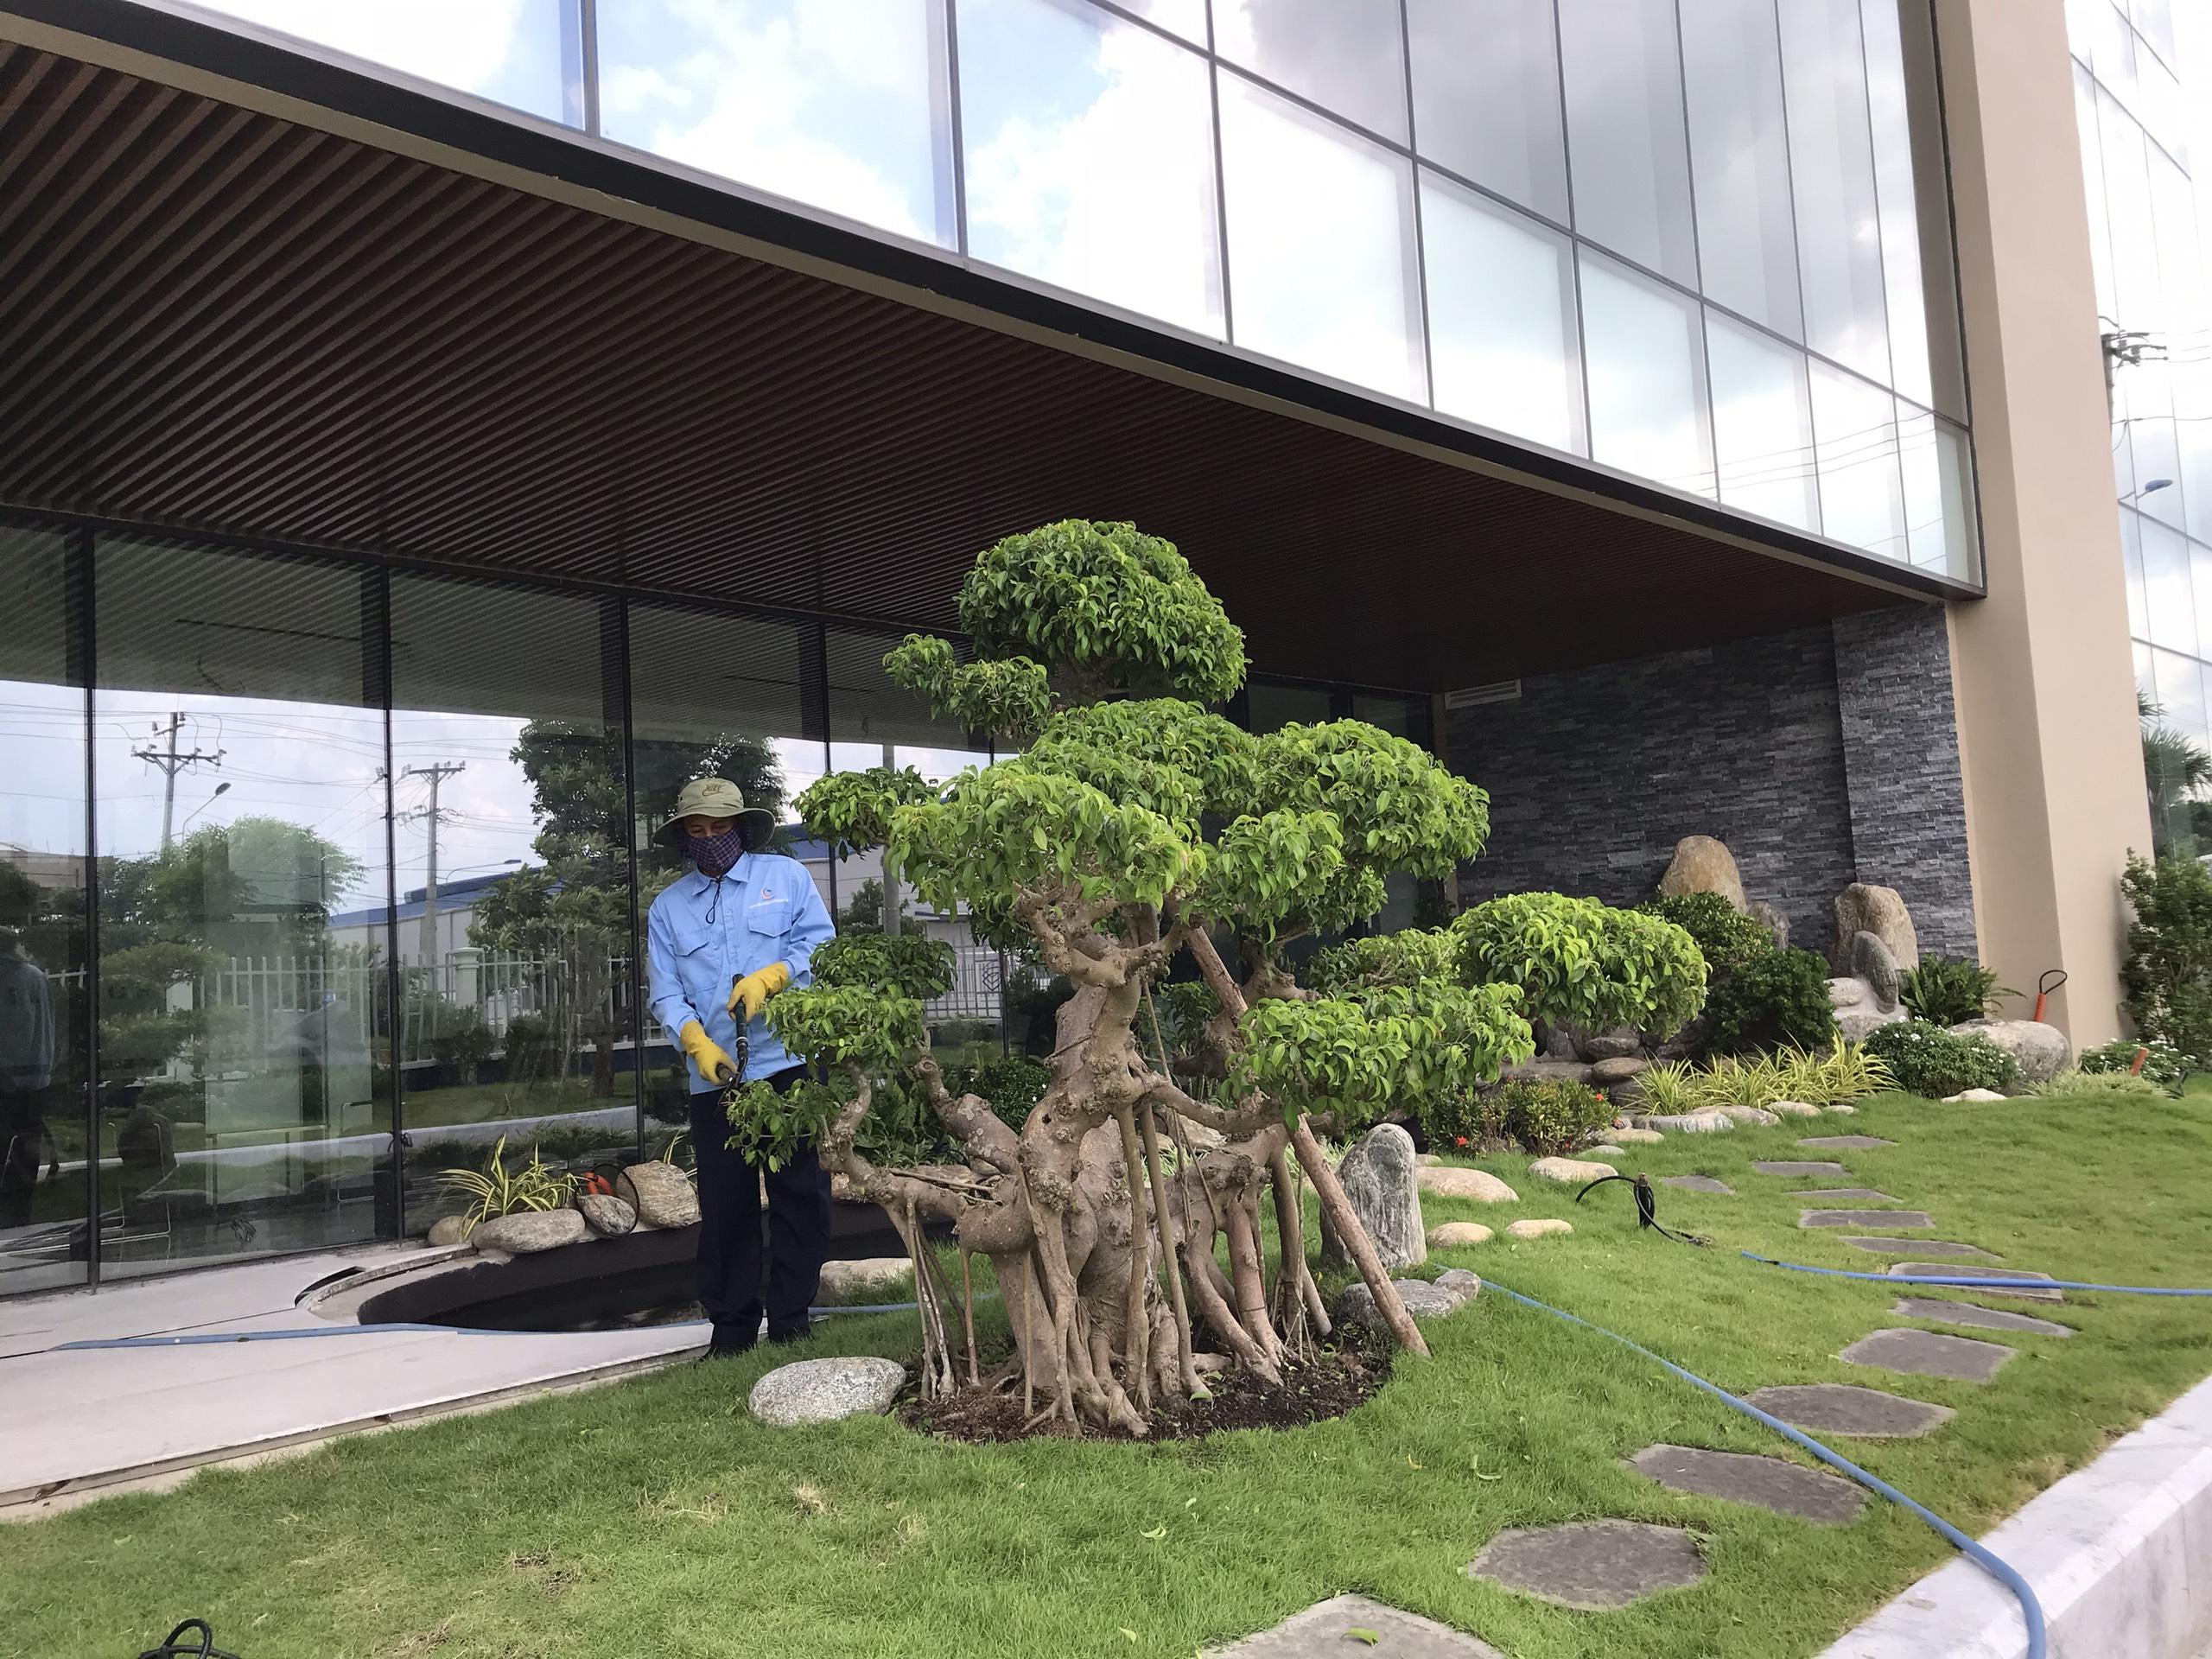 Dịch vụ chăm sóc cây xanh tại Bình Phước từ Ngoại Thất Xanh